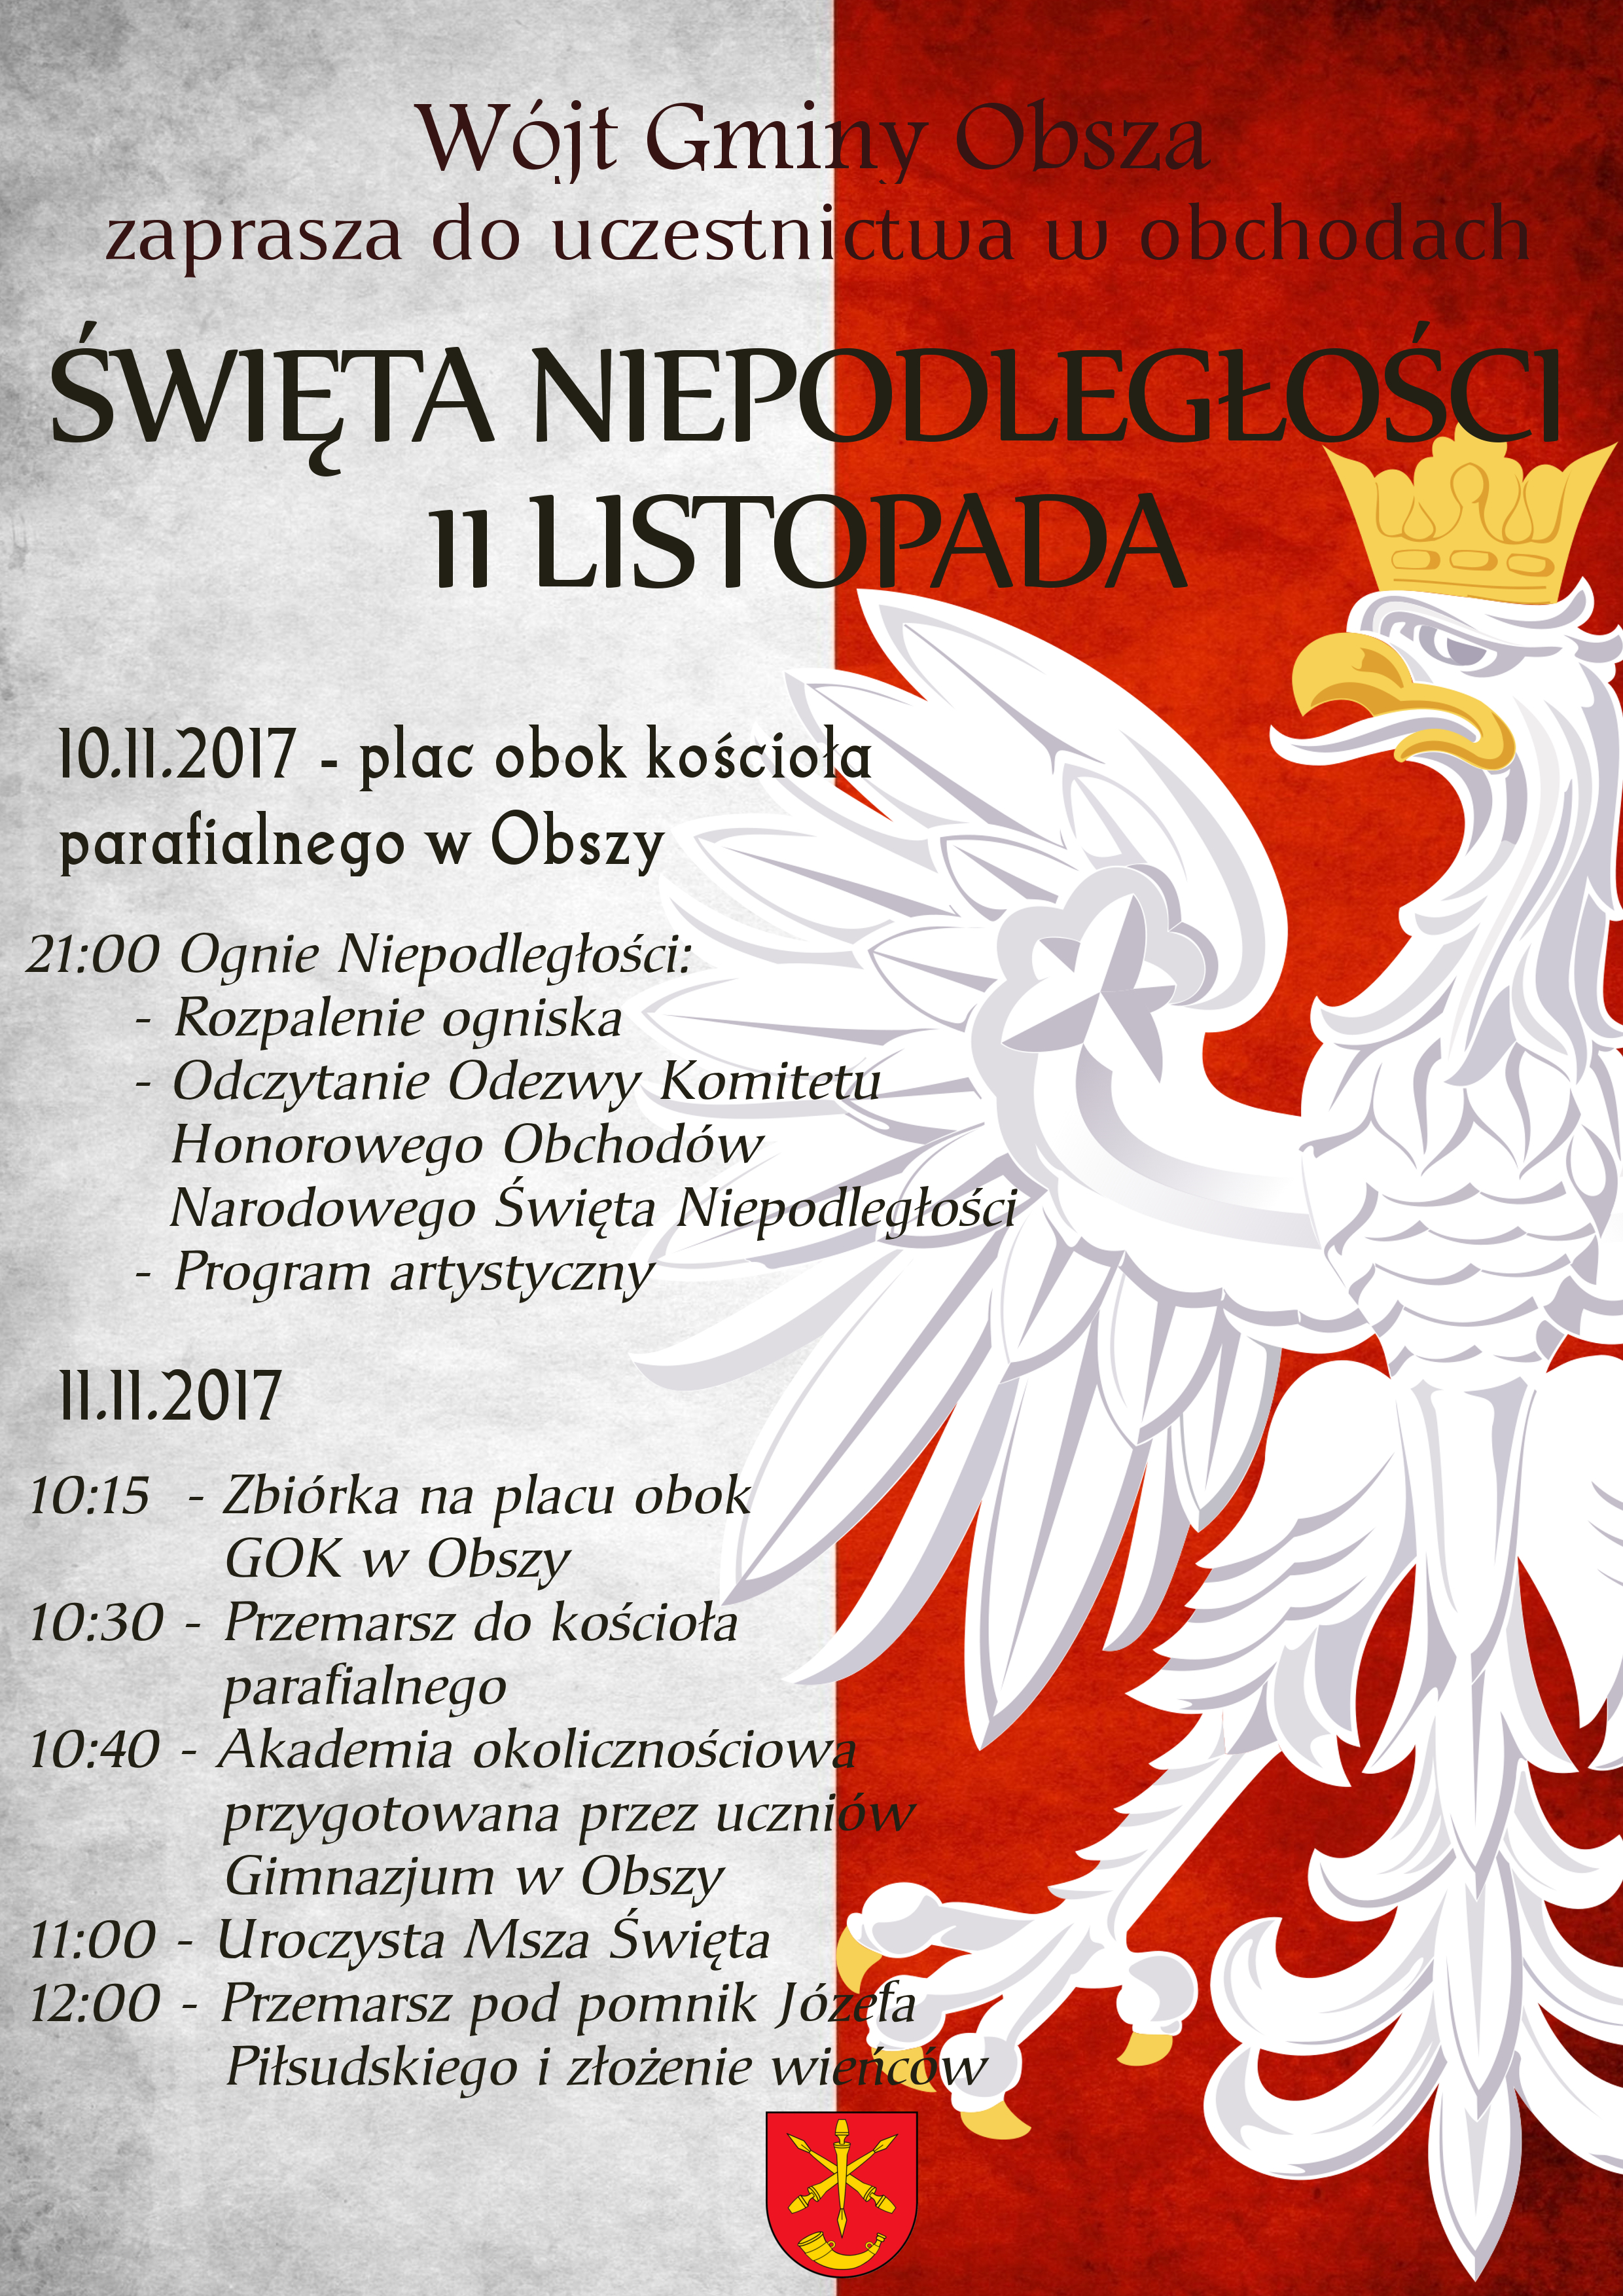 święto Niepodległości 11 Listopada 2017 Gmina Obsza